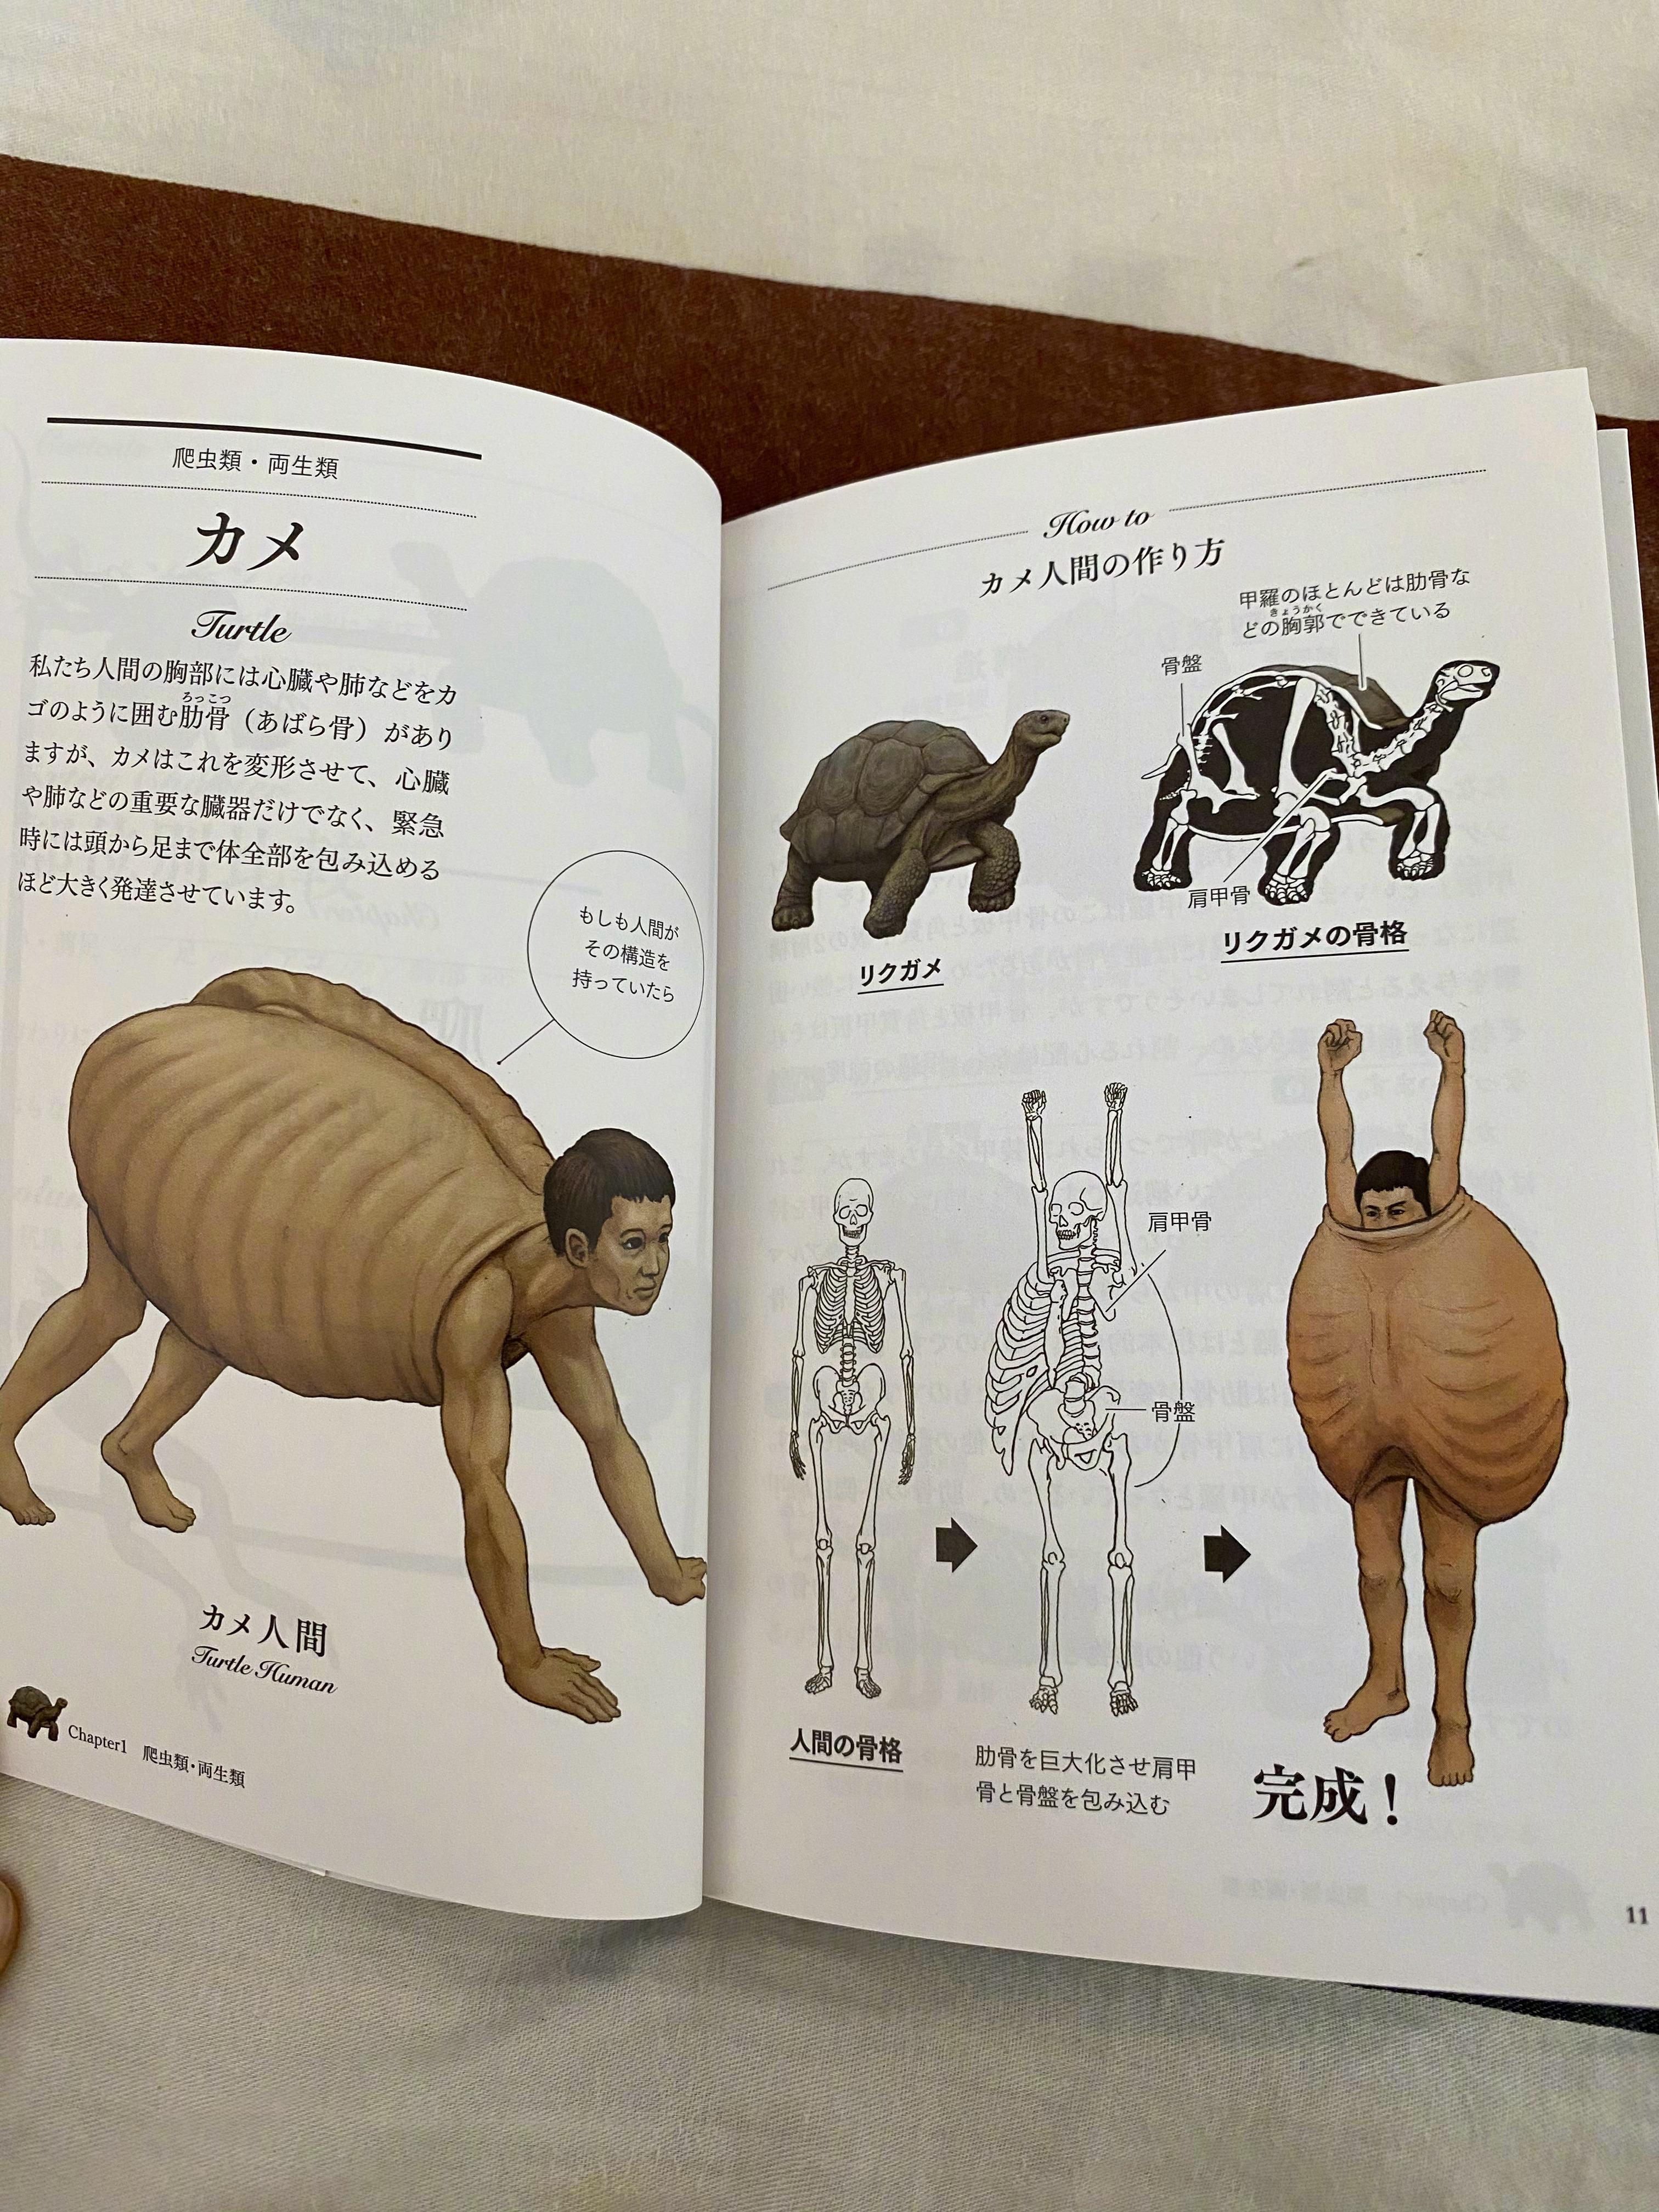 古生物画师川崎悟司的奇葩科普图鉴